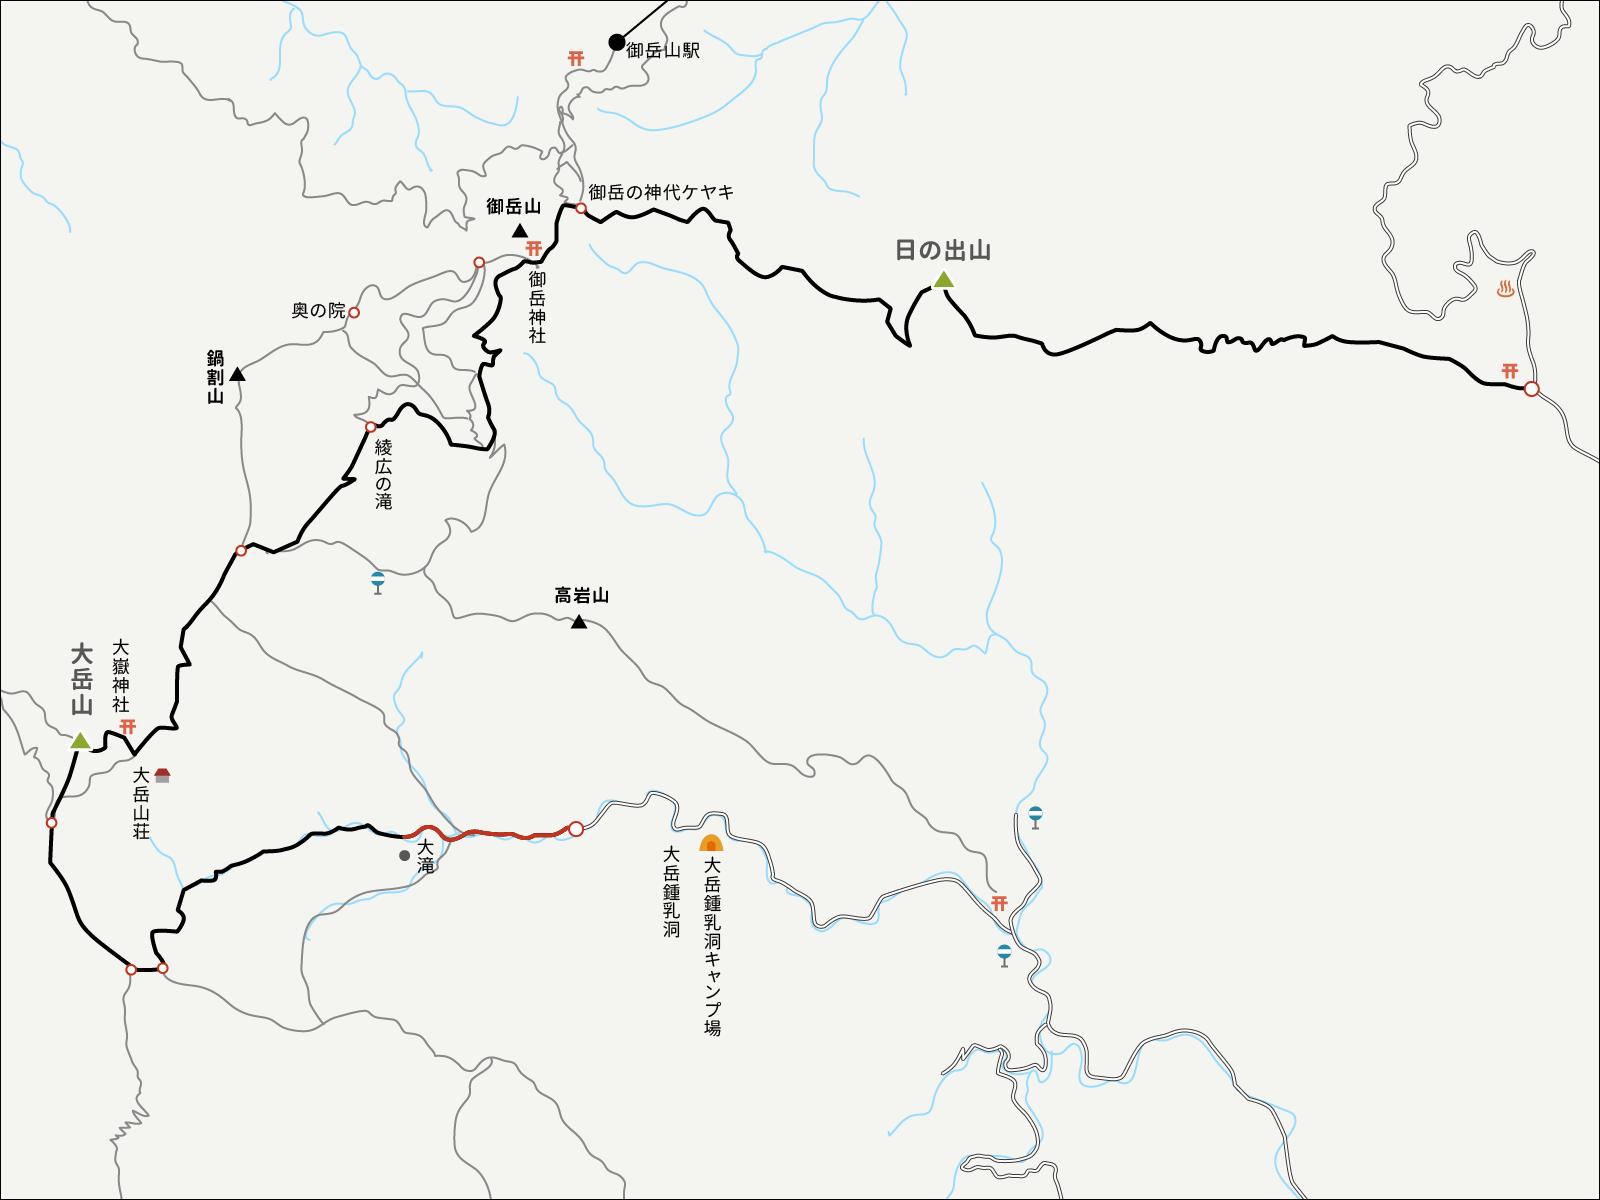 大岳鍾乳洞コースイラストマップ1